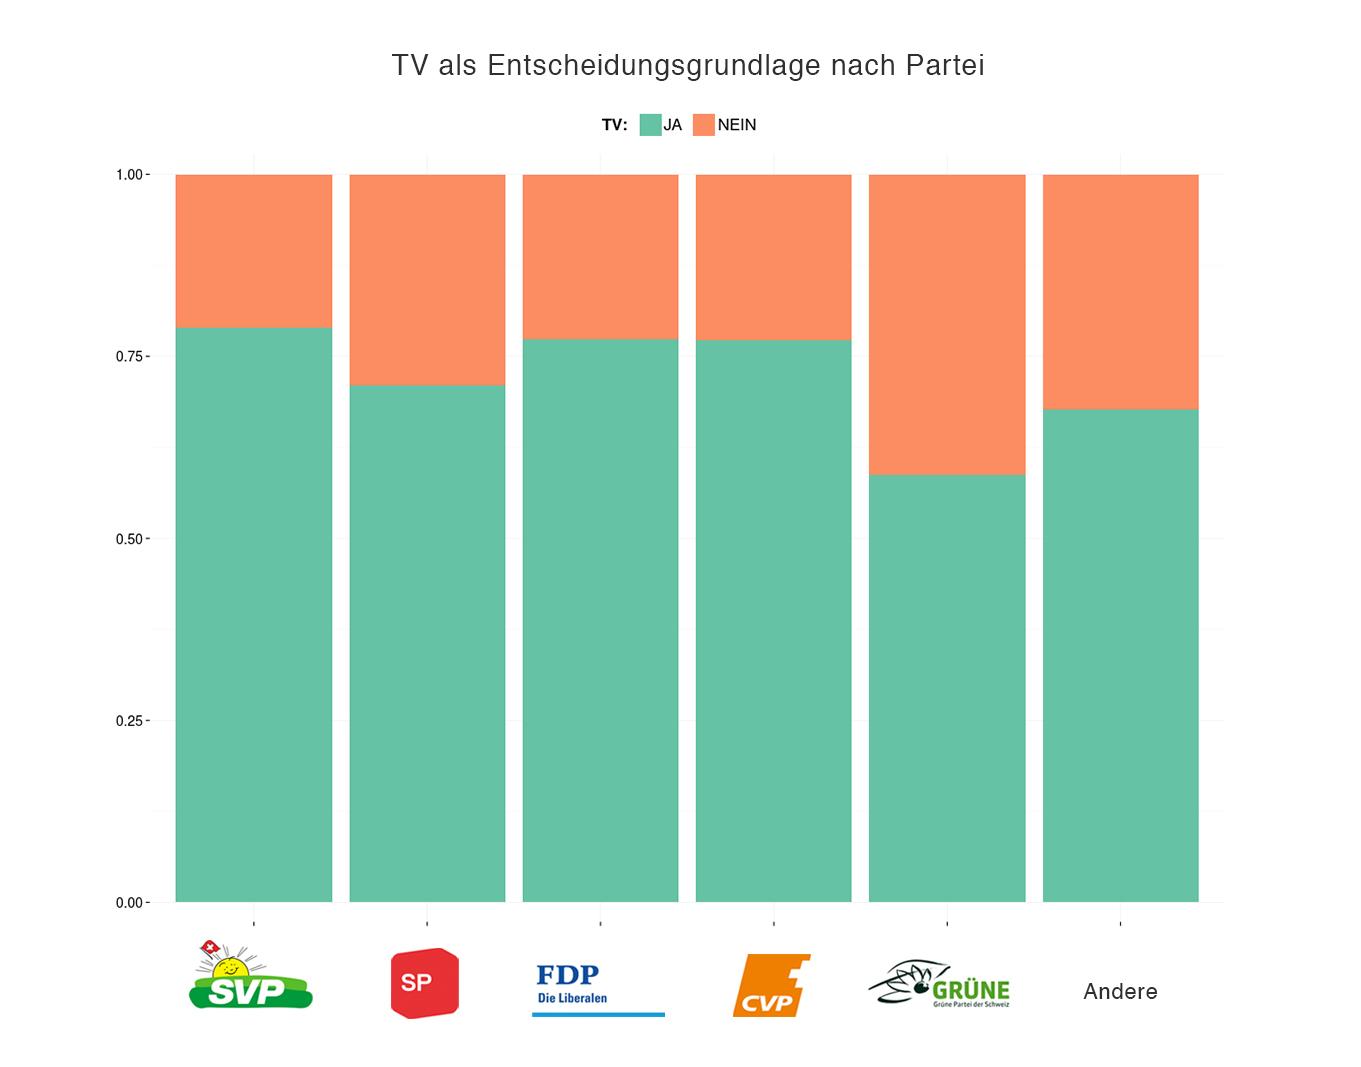 TV als Entscheidungsgrundlage nach Partei